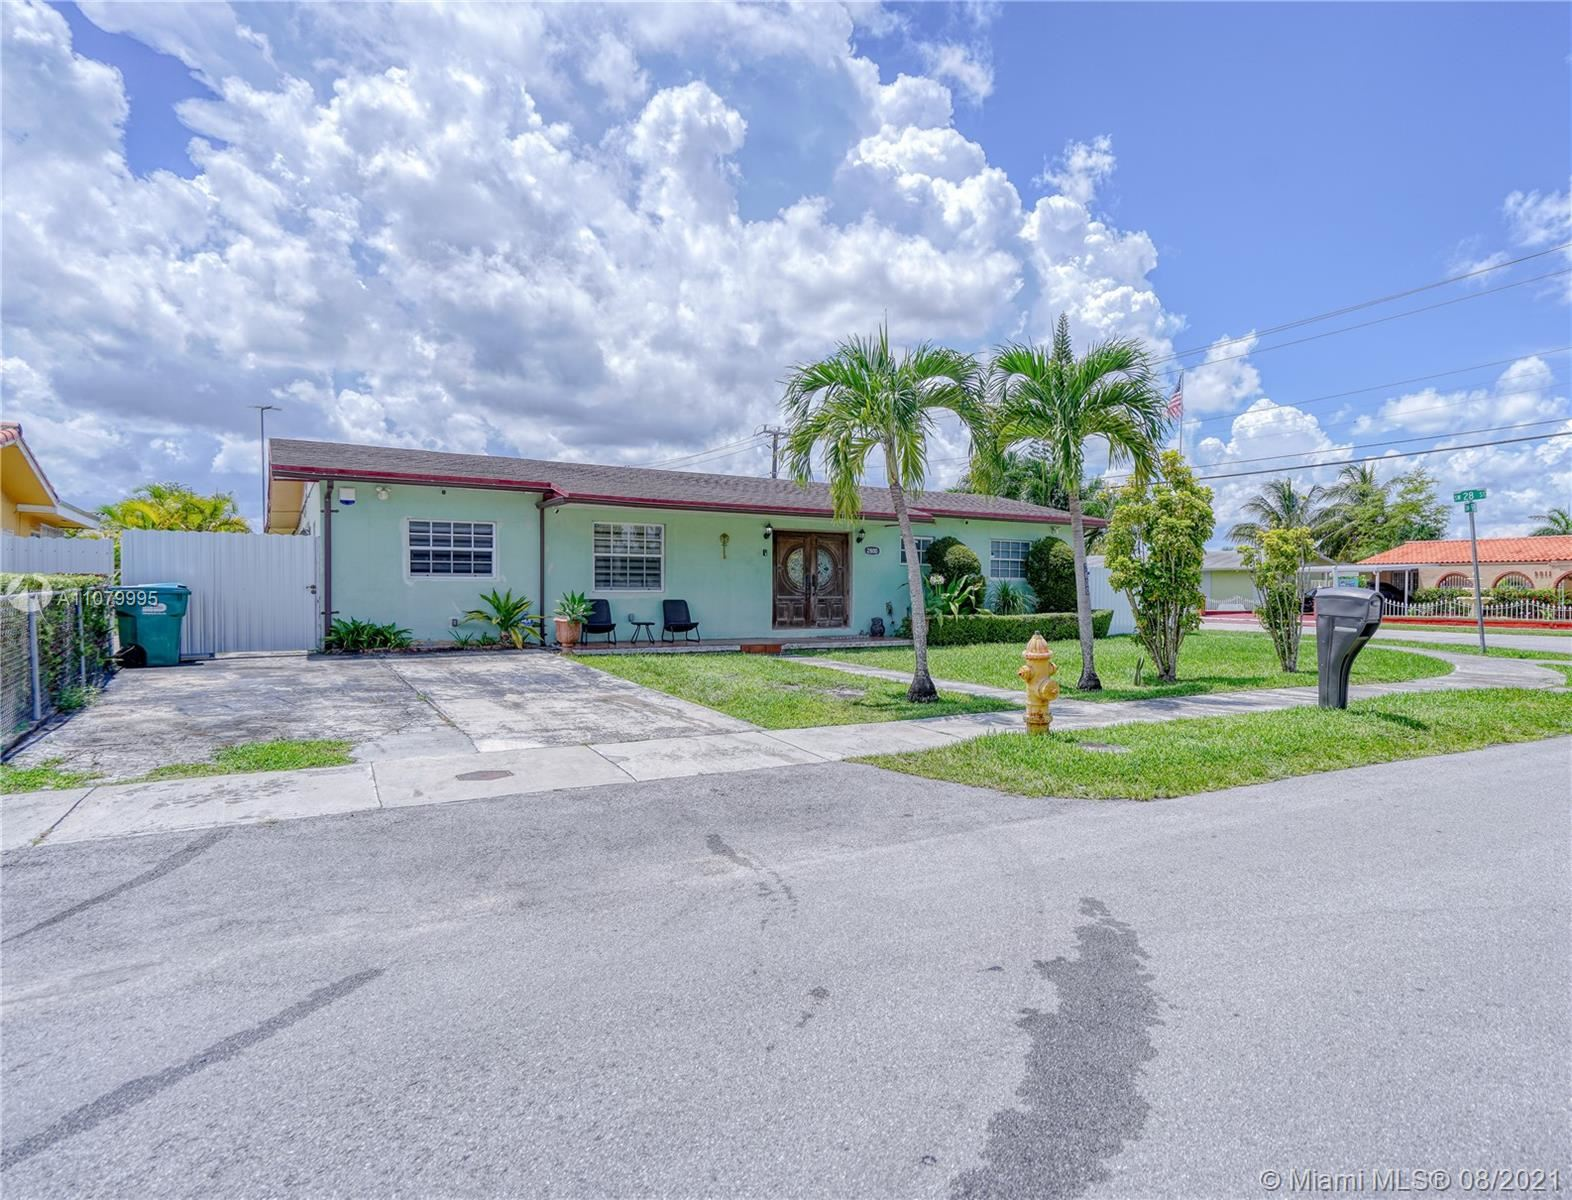 2800 SW 98th Ave, Miami, FL 33165 - #: A11079995